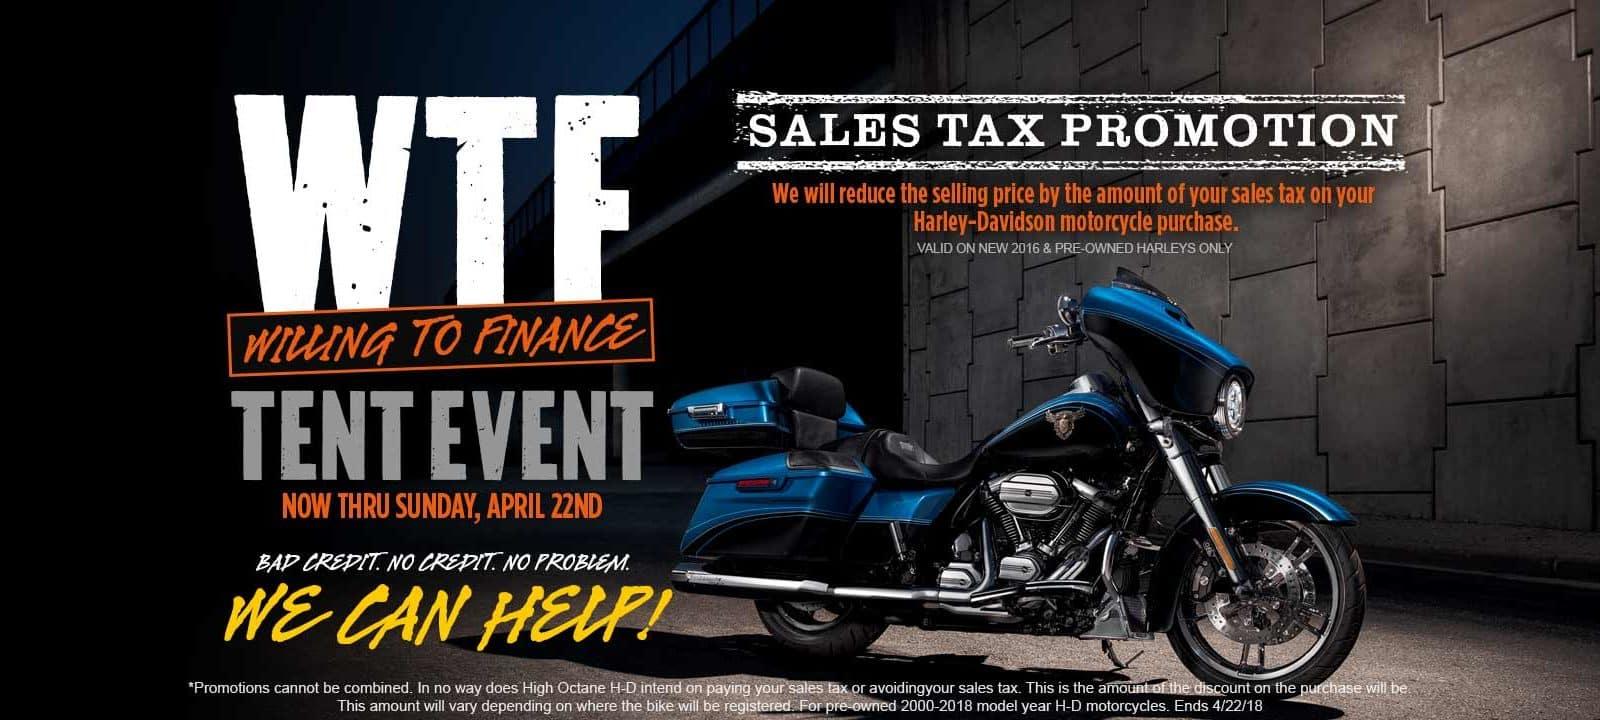 20180416-HOHD-1800x720-WTF-Tent-Event-Sales-Tax